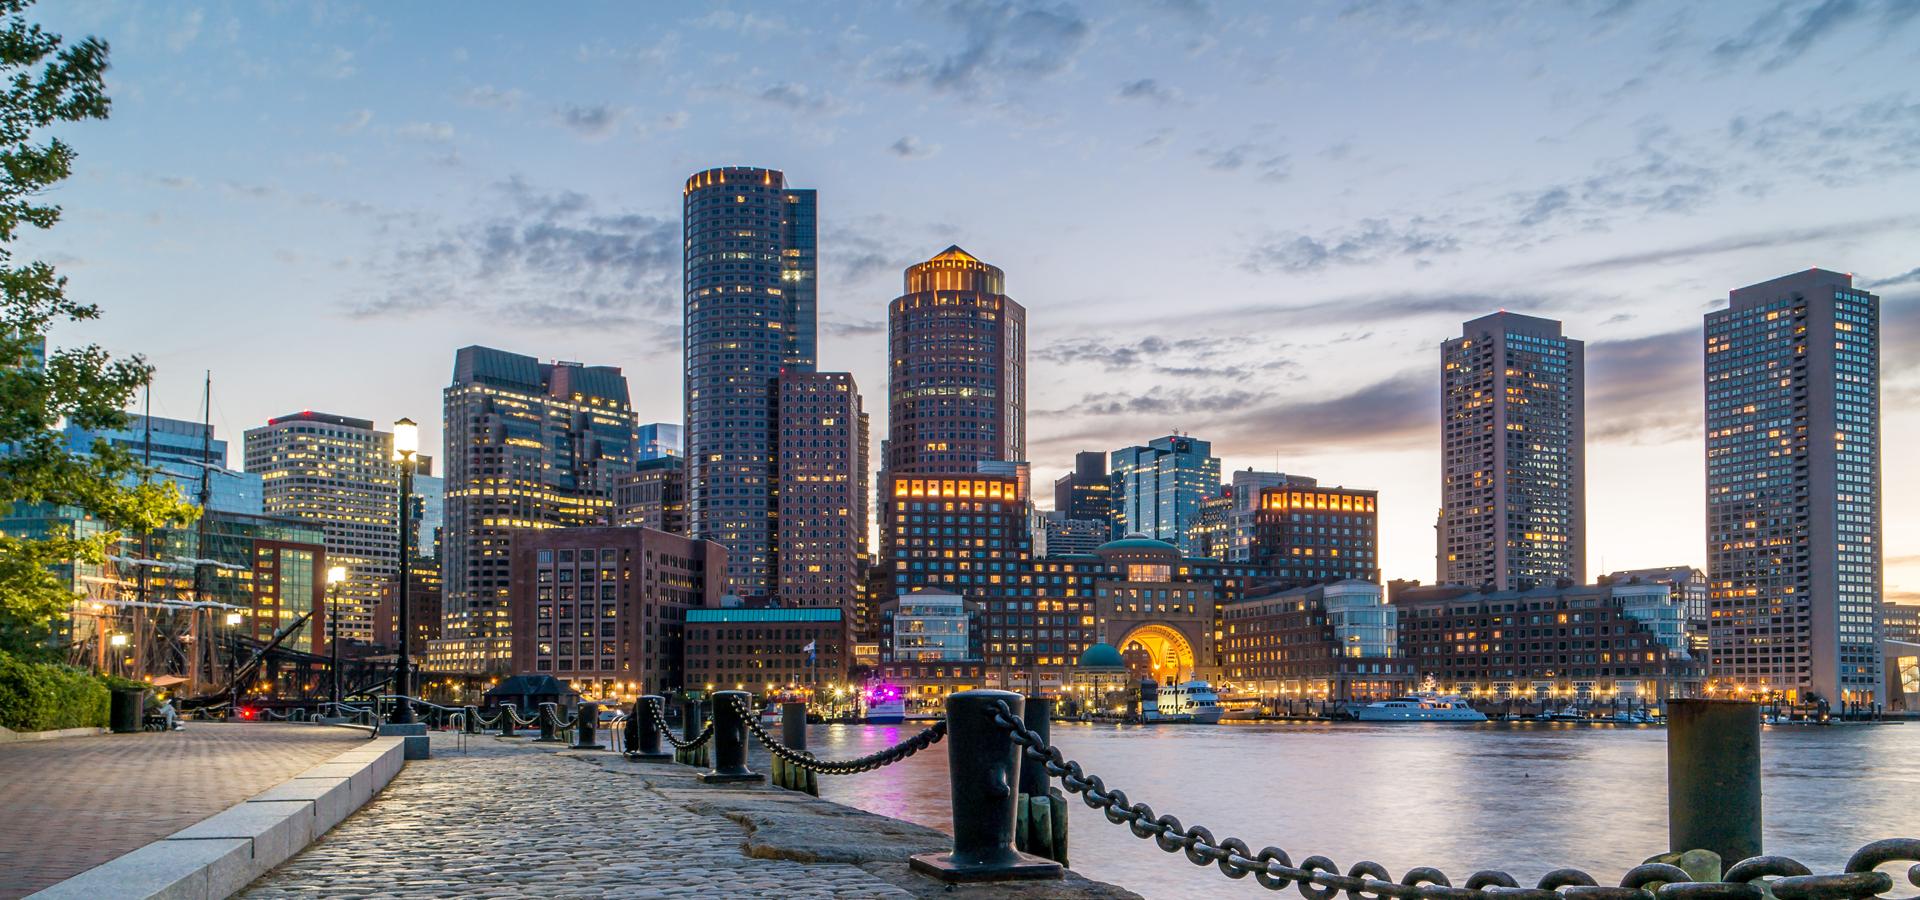 Peer-to-peer advisory in Boston, Massachusetts, USA